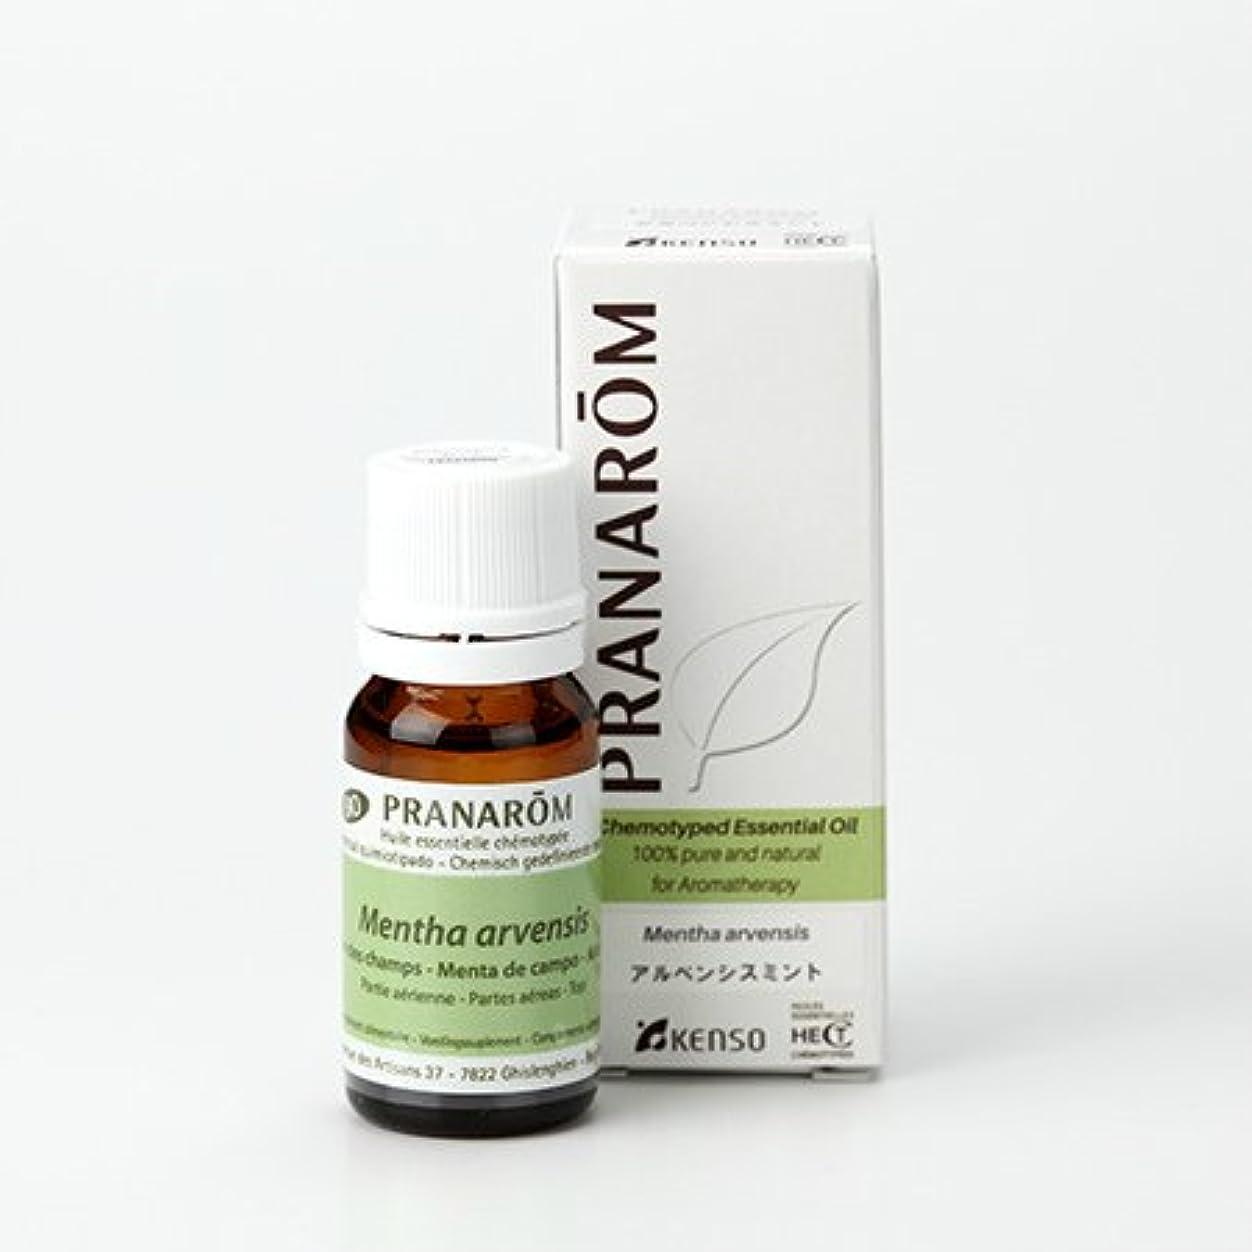 テナント有効課税プラナロム アルベンシスミント 10ml (PRANAROM ケモタイプ精油)